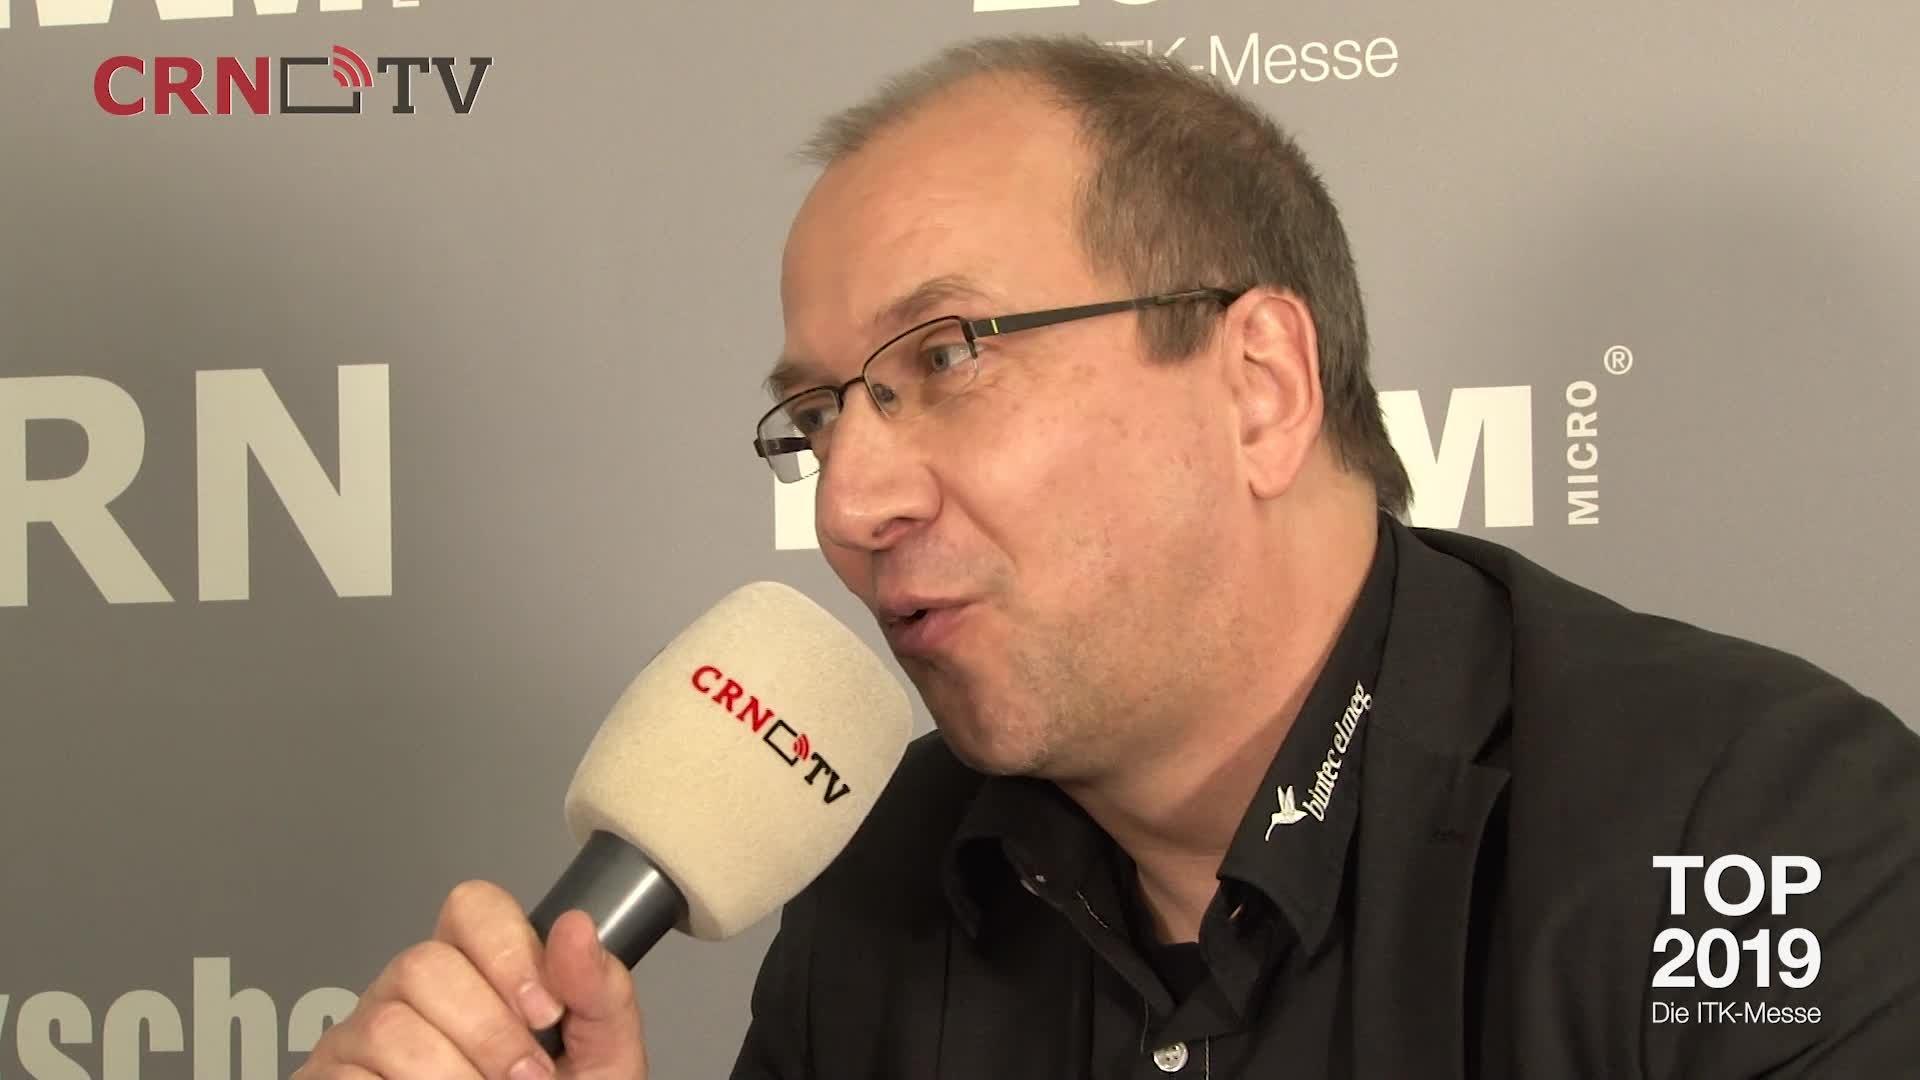 TOP 2019: Werner Scholl im Interview